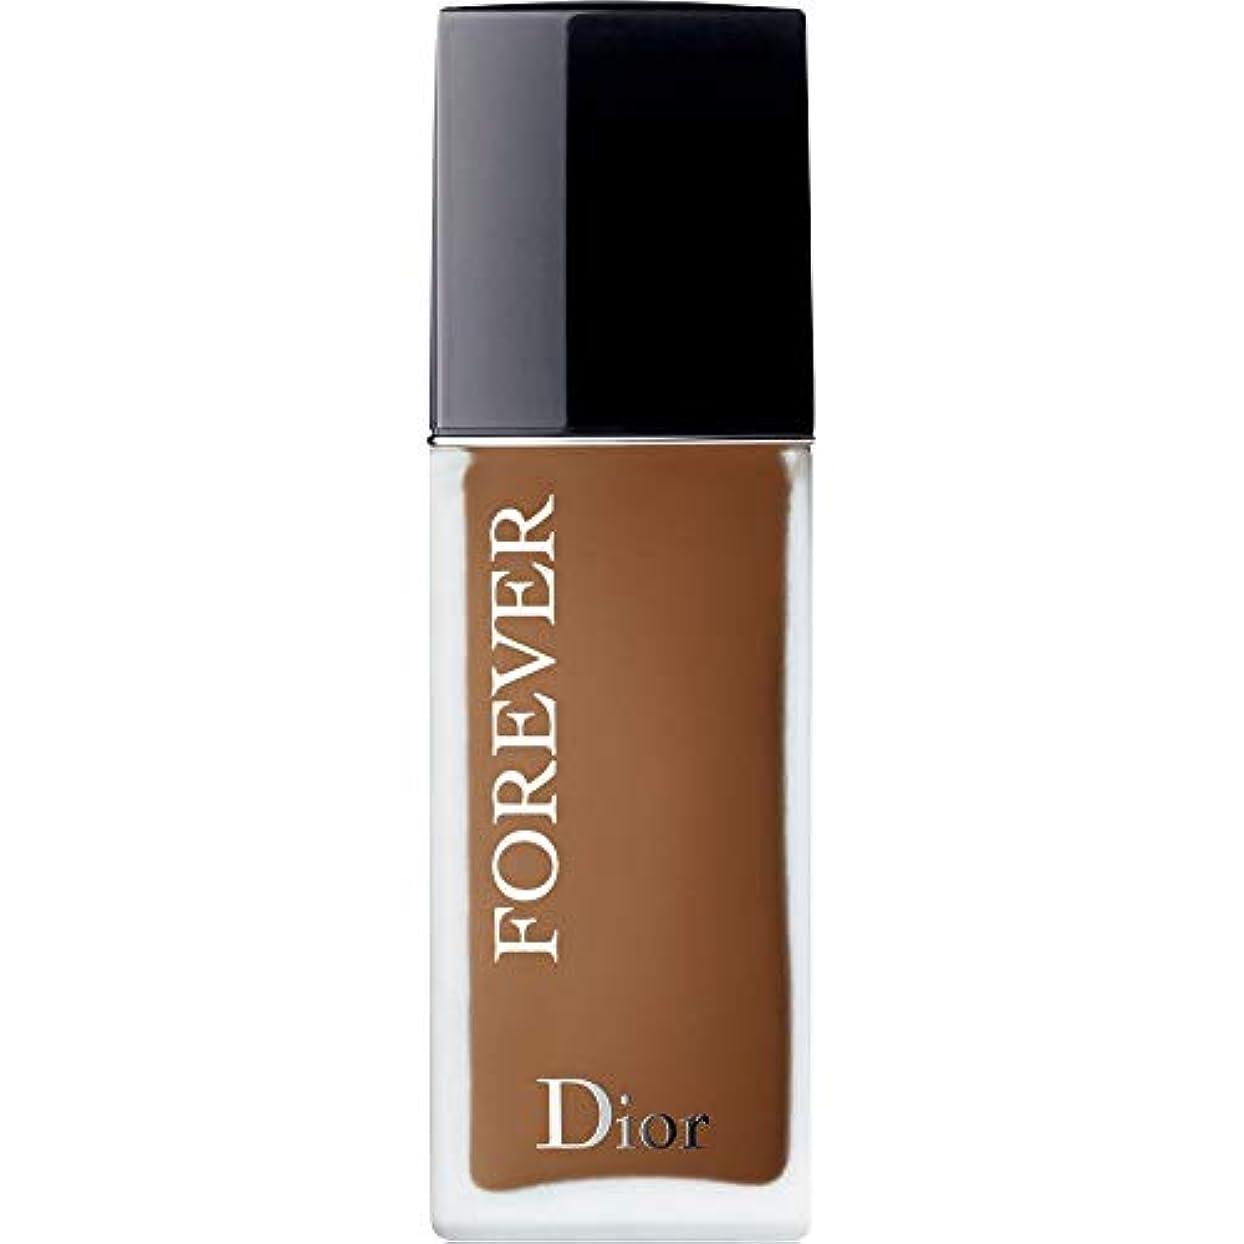 夜明けいたずらな防衛[Dior ] ディオール永遠皮膚思いやりの基盤Spf35 30ミリリットルの7N - ニュートラル(つや消し) - DIOR Forever Skin-Caring Foundation SPF35 30ml 7N -...